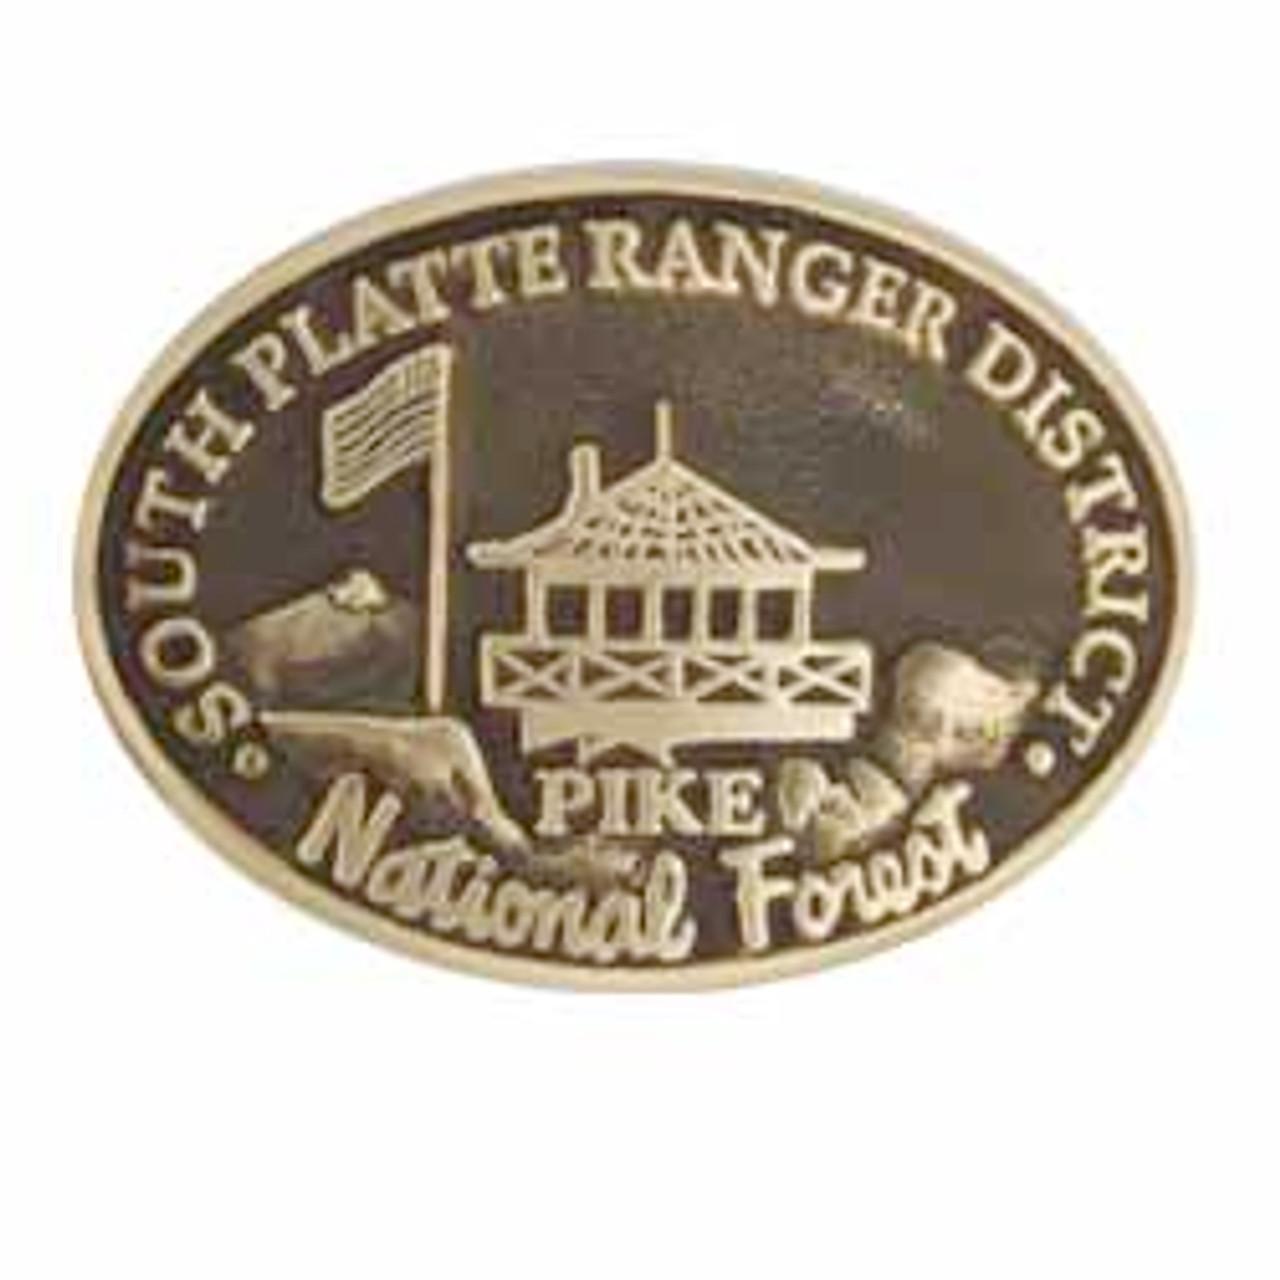 South Platte Ranger District Buckle